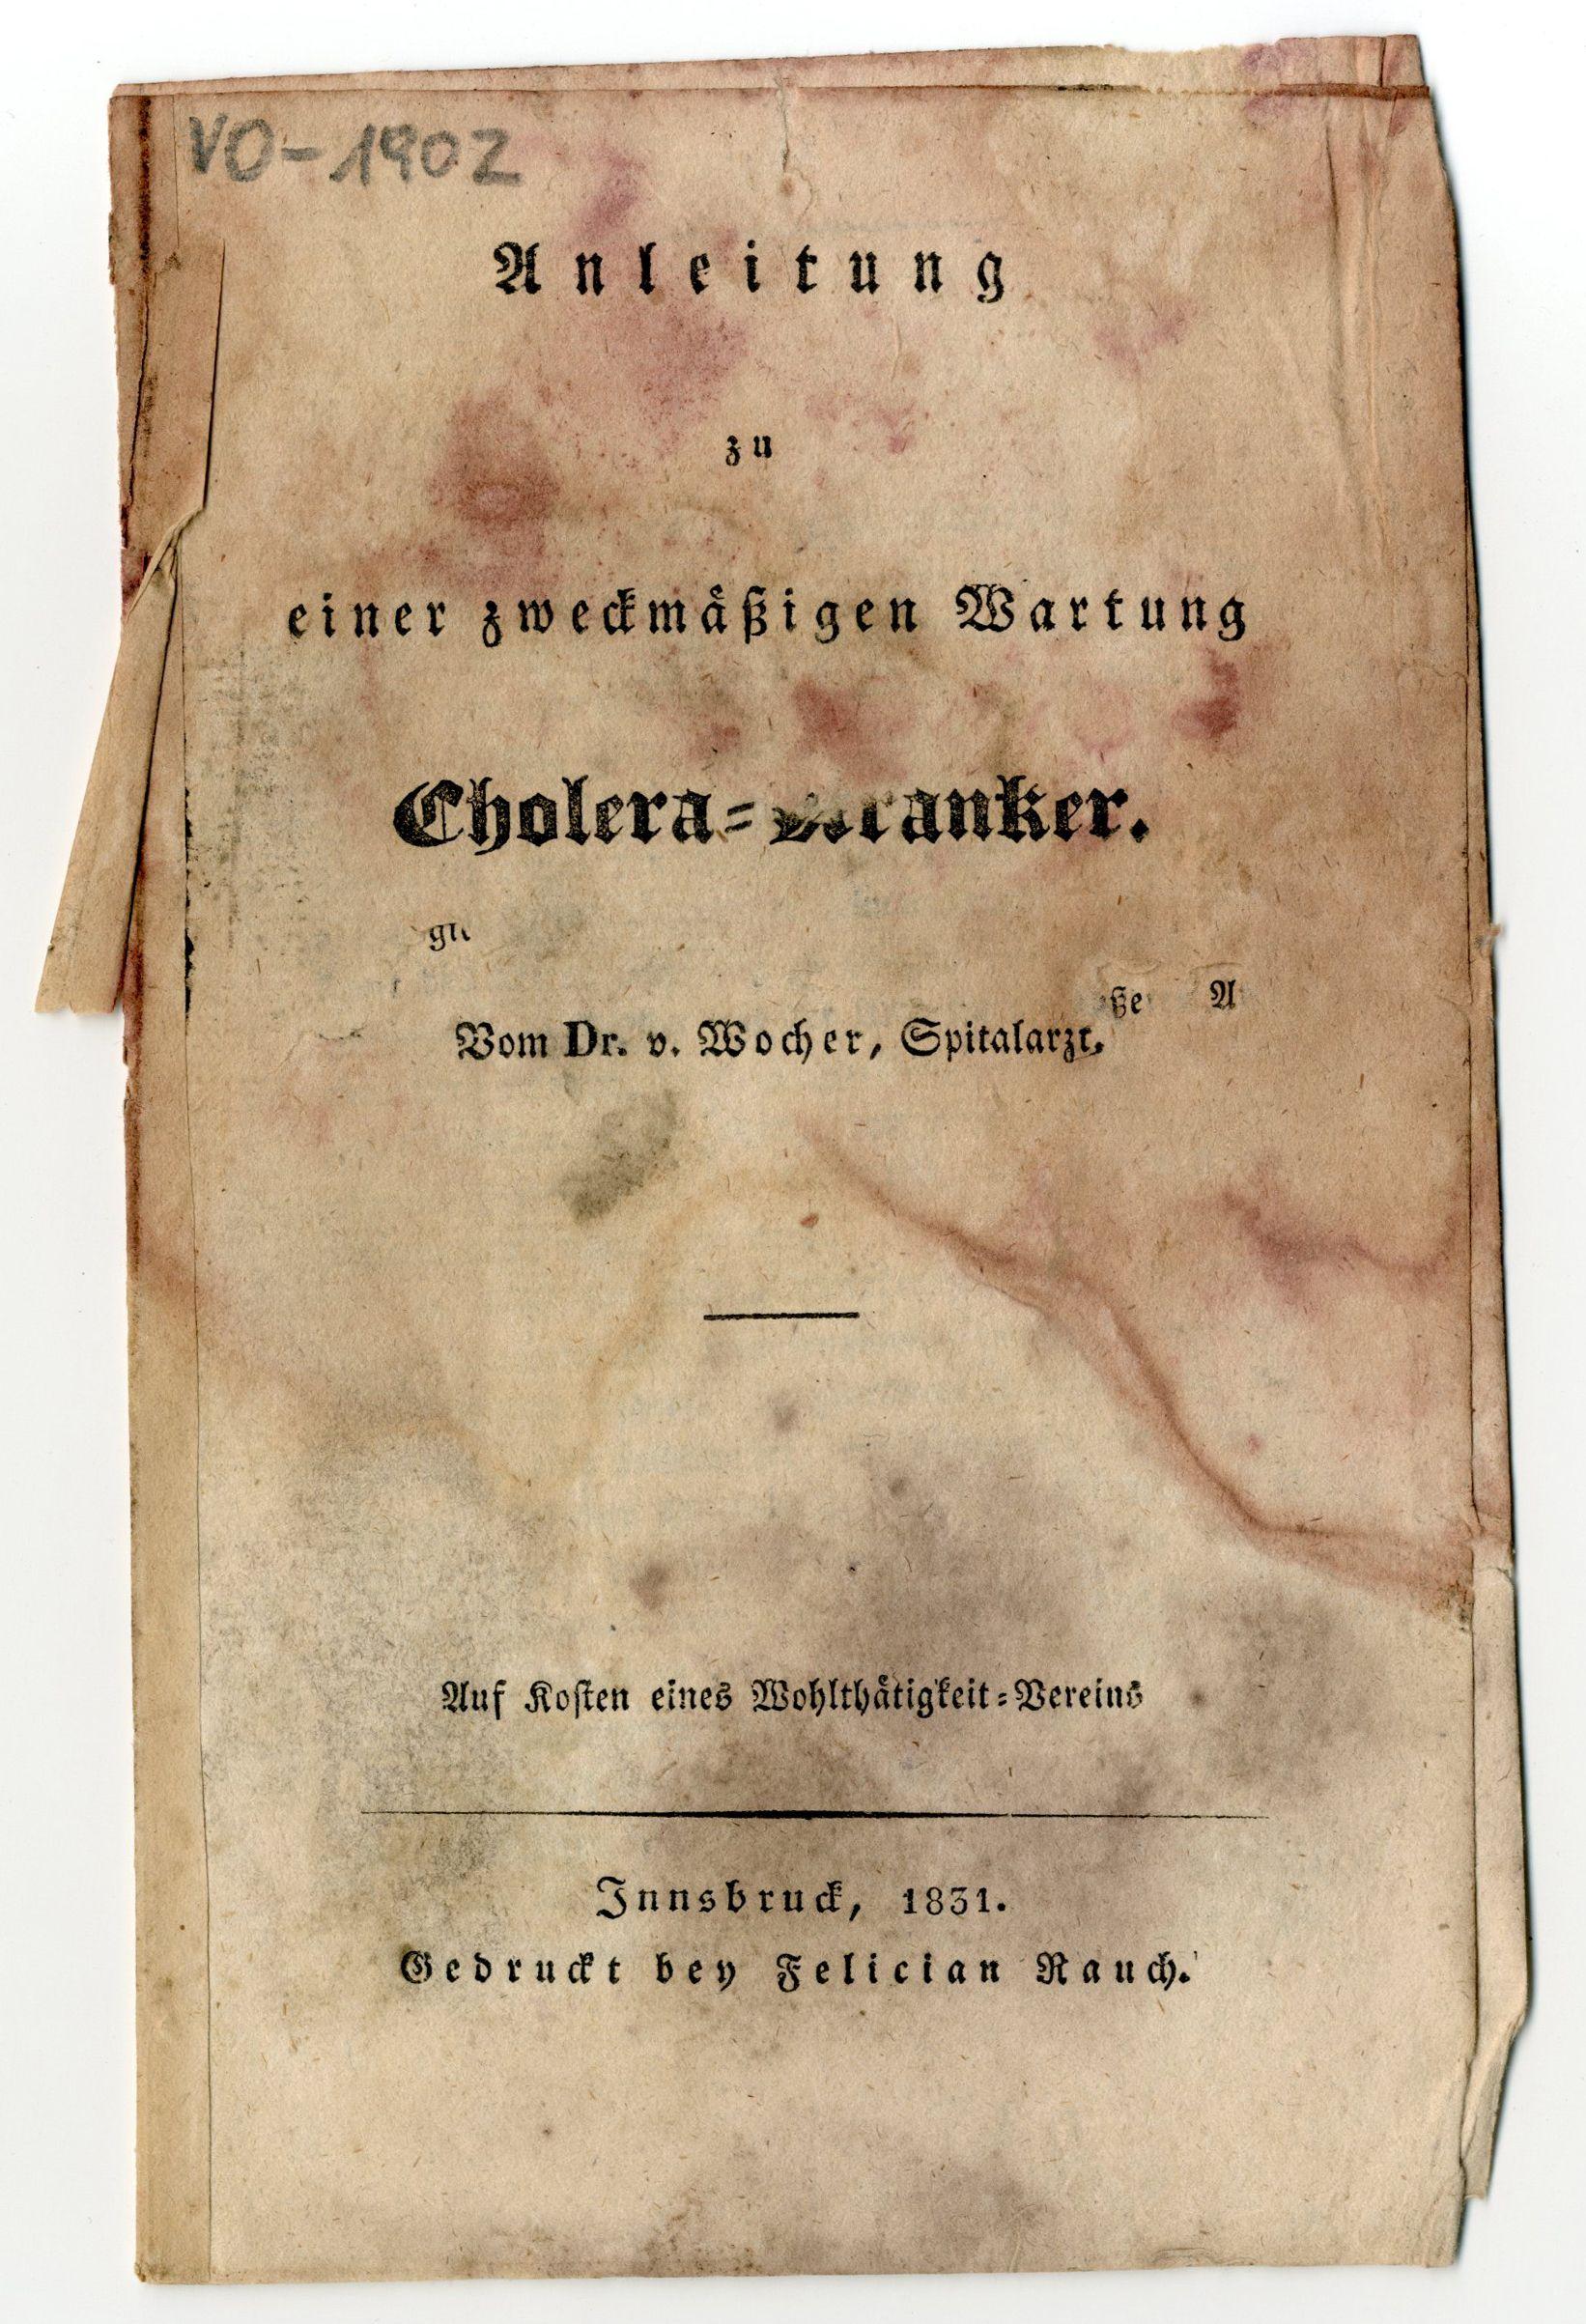 Die Zweckmäßige Wartung Cholera-Kranker 1831 – Alles War Schon Einmal Da – II